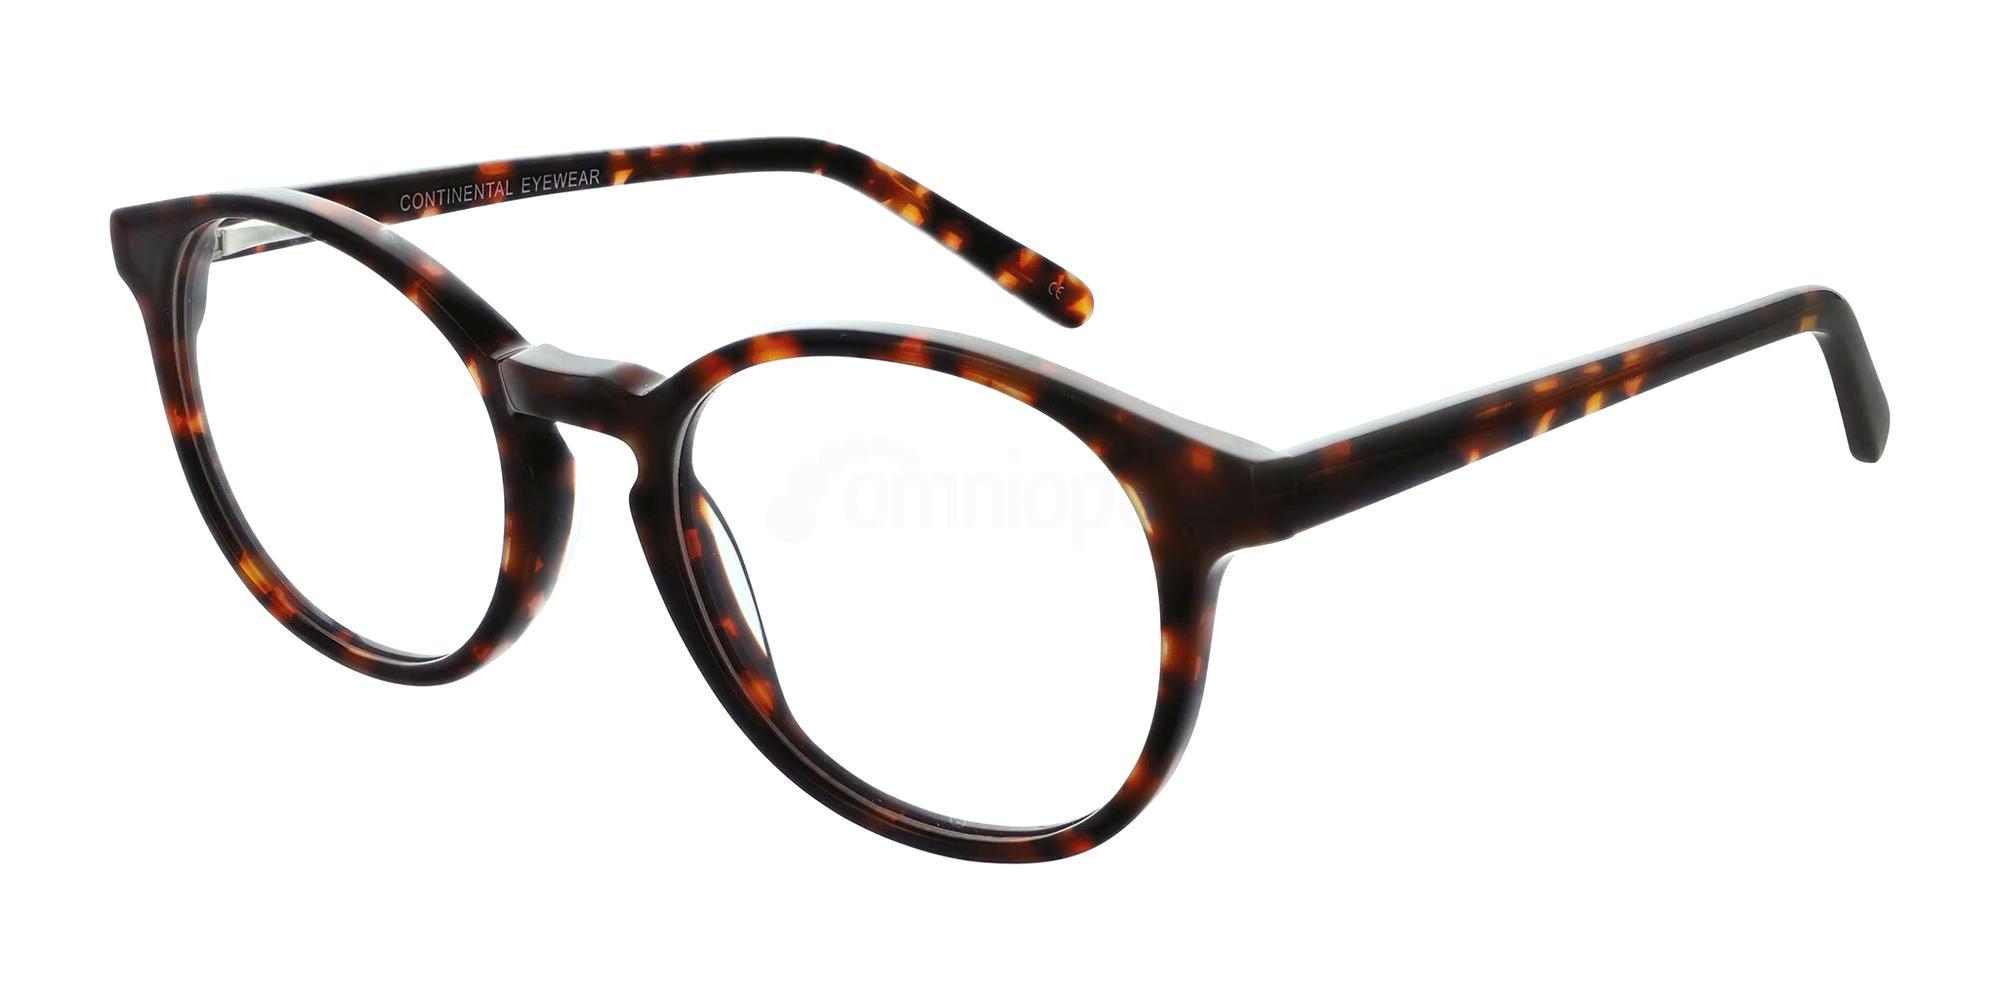 Tort 84 Glasses, Zenith Zest